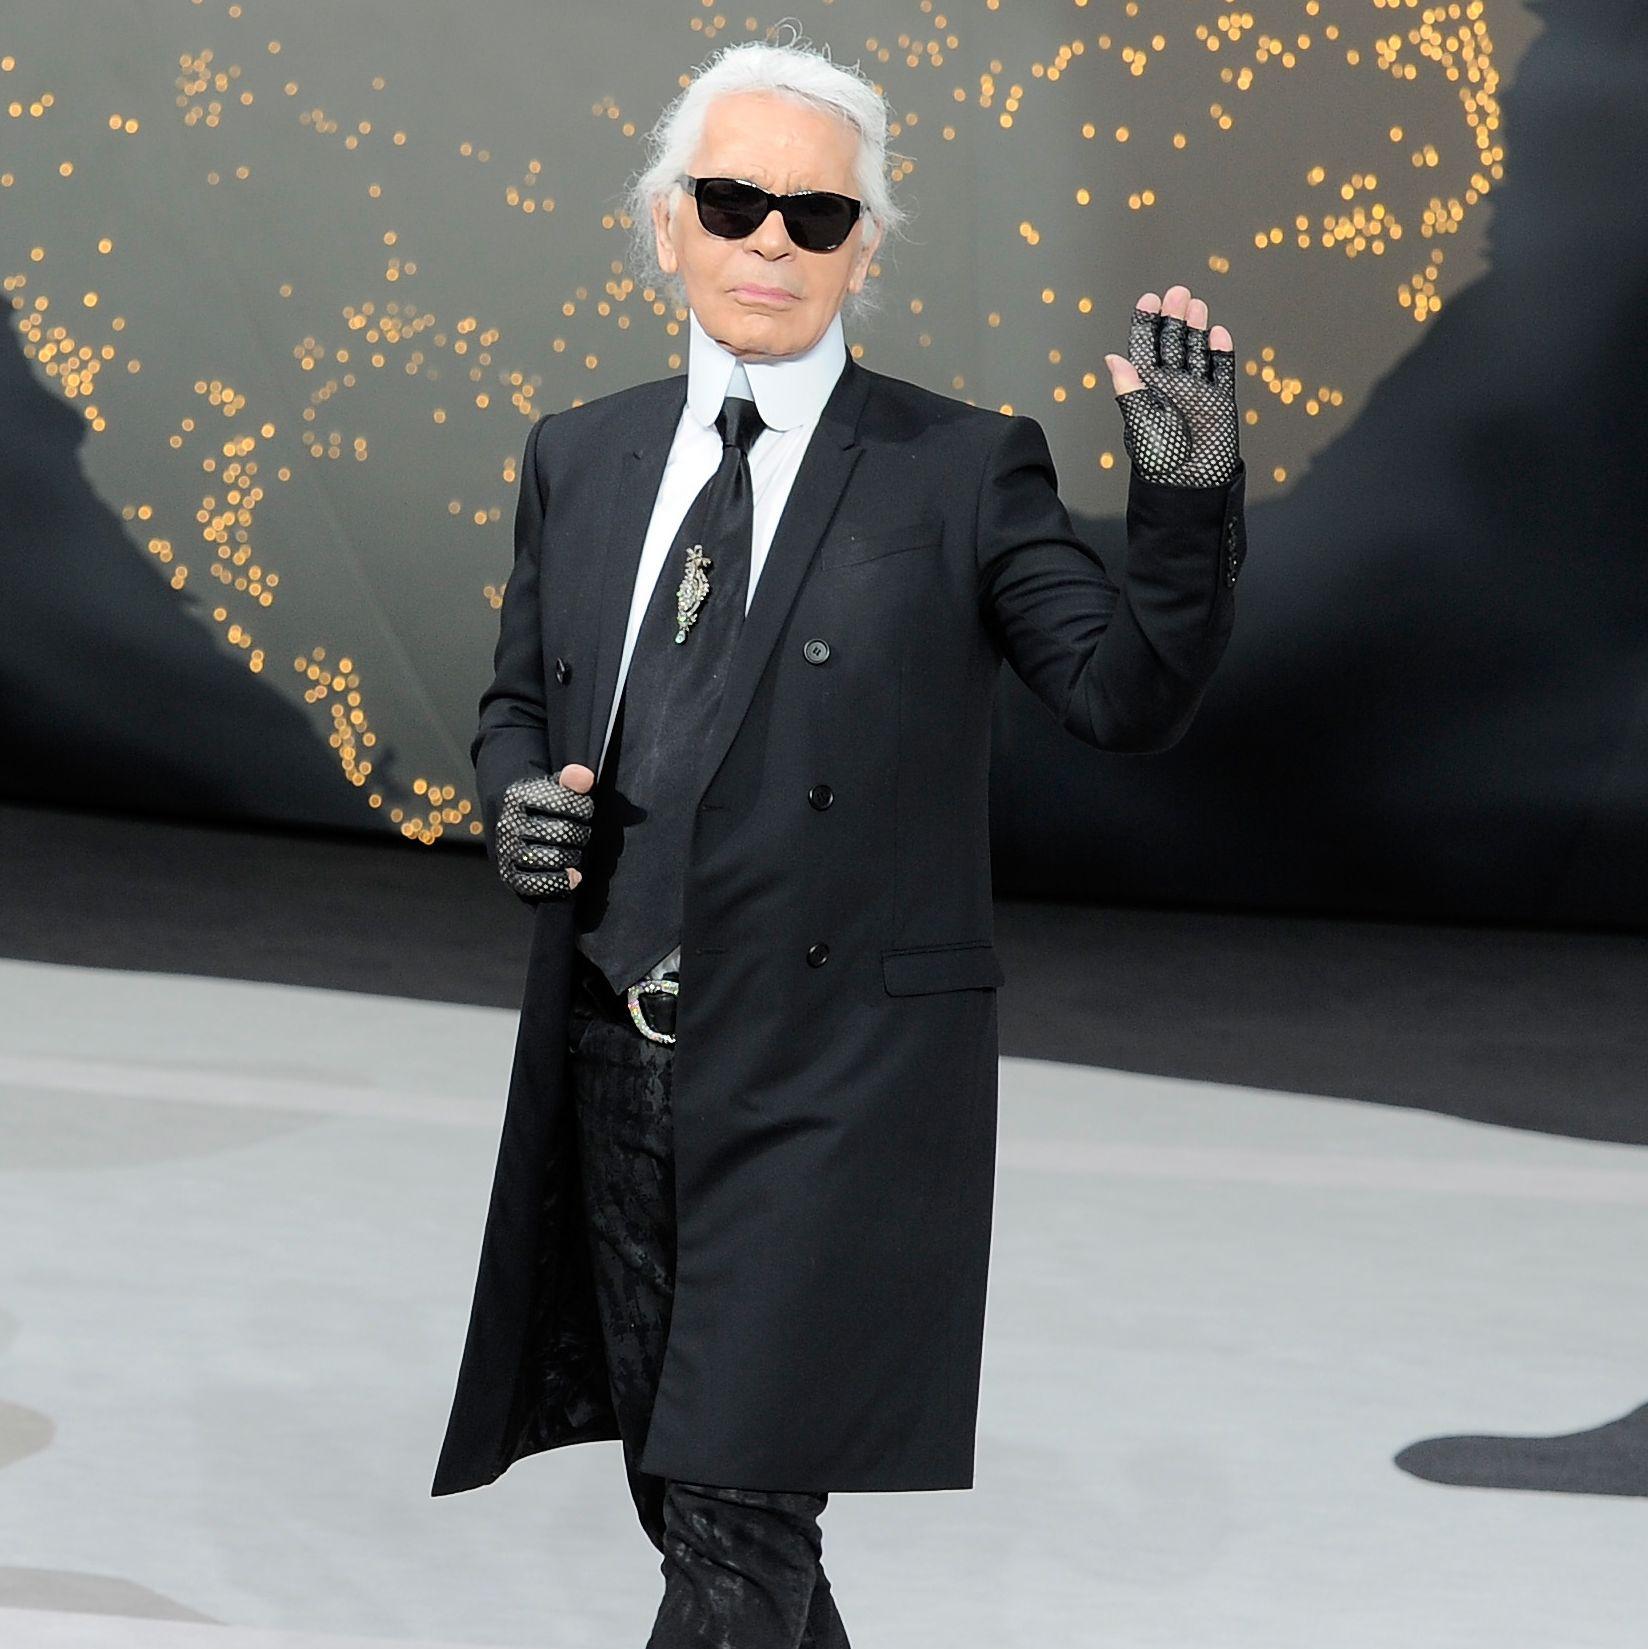 Karl Lagerfeld Has Died at 85